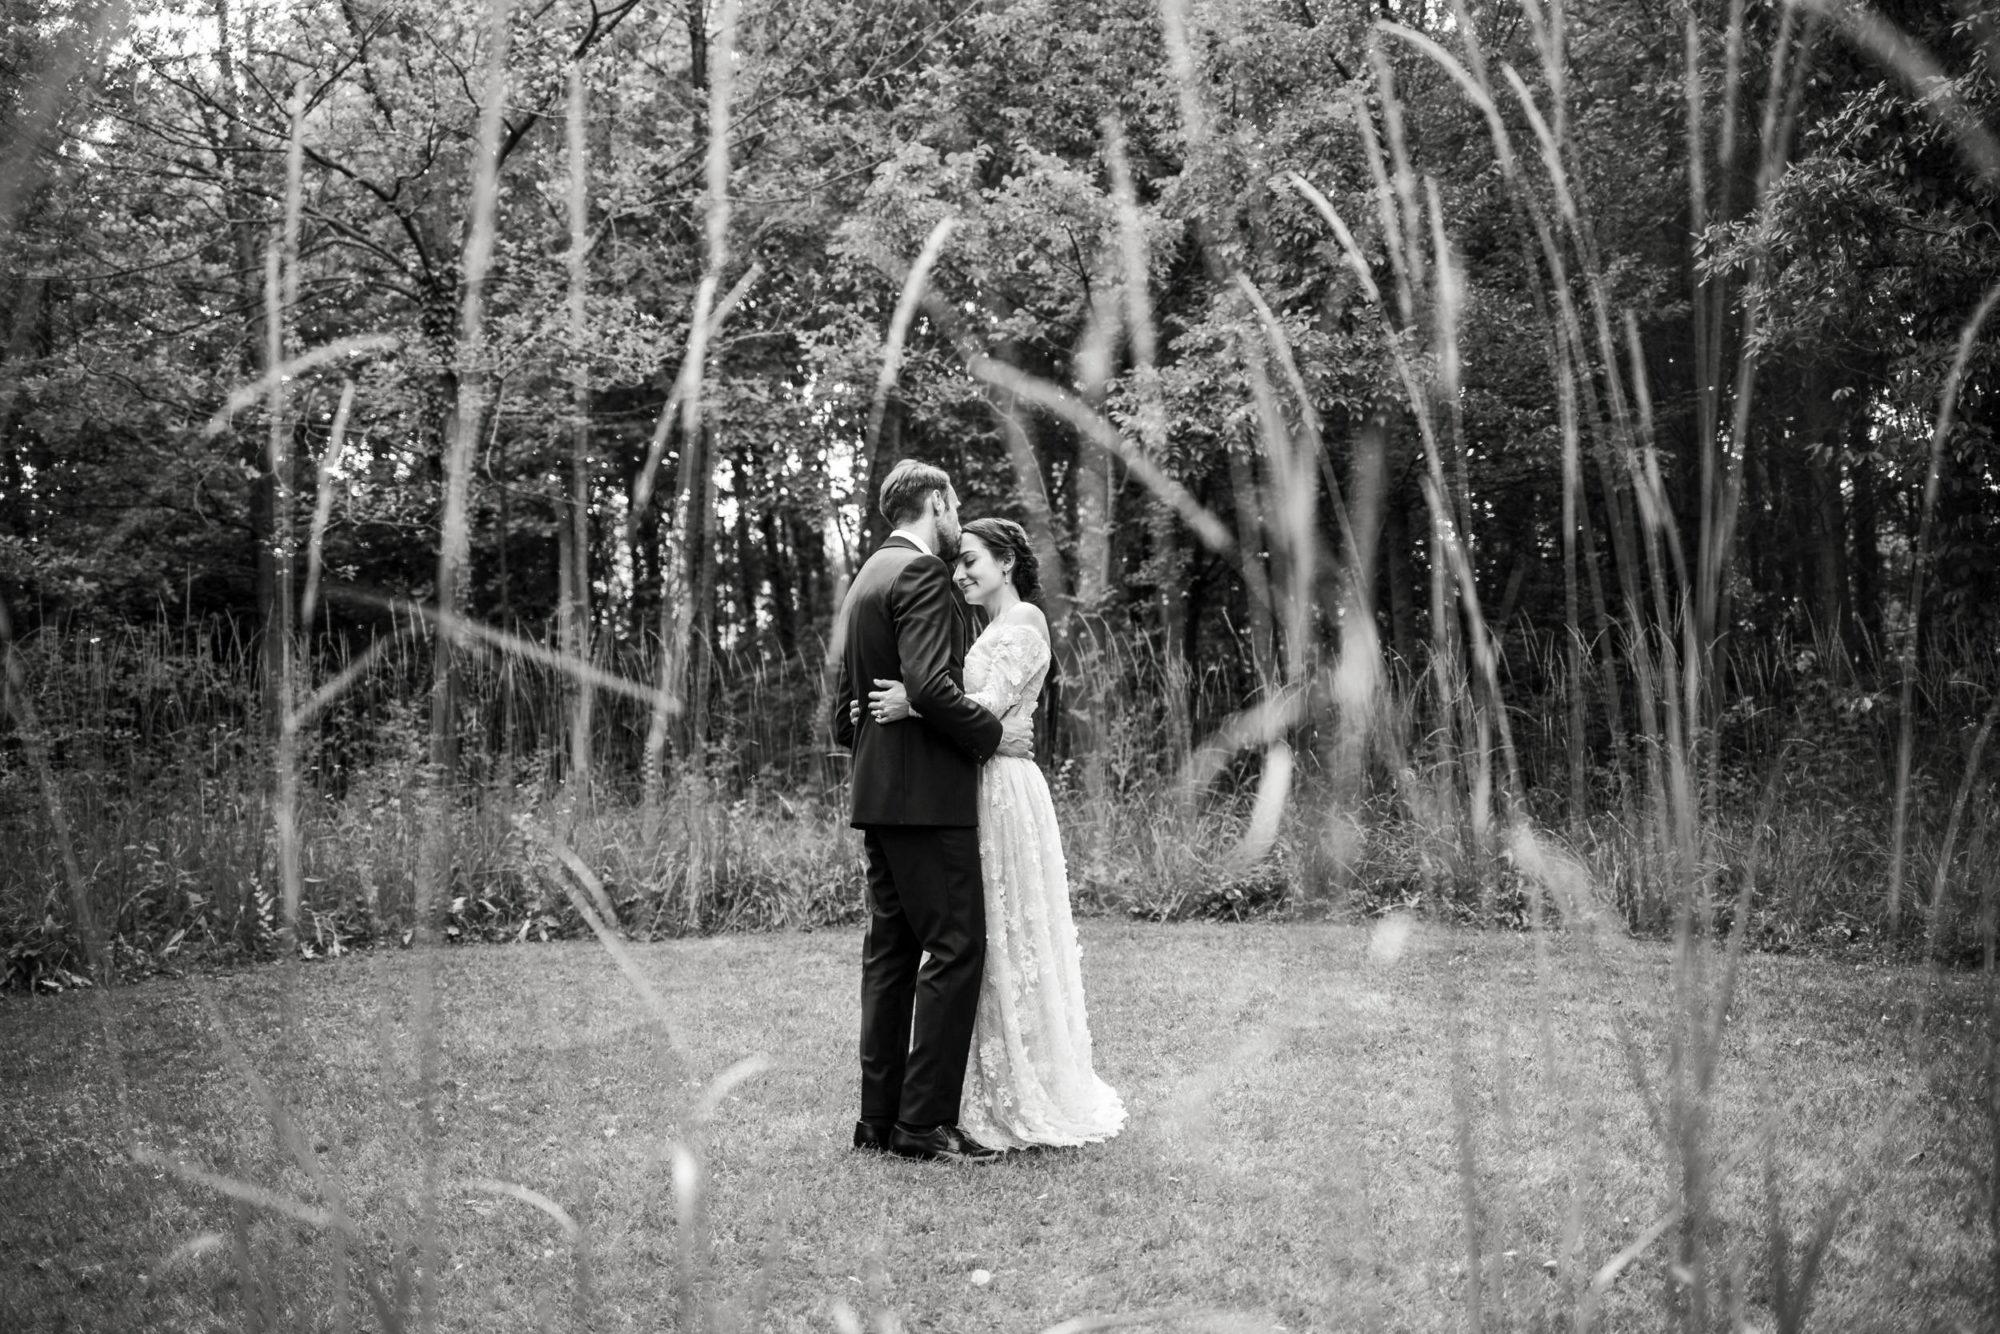 matrimonio_convento_annunciata_BA-073